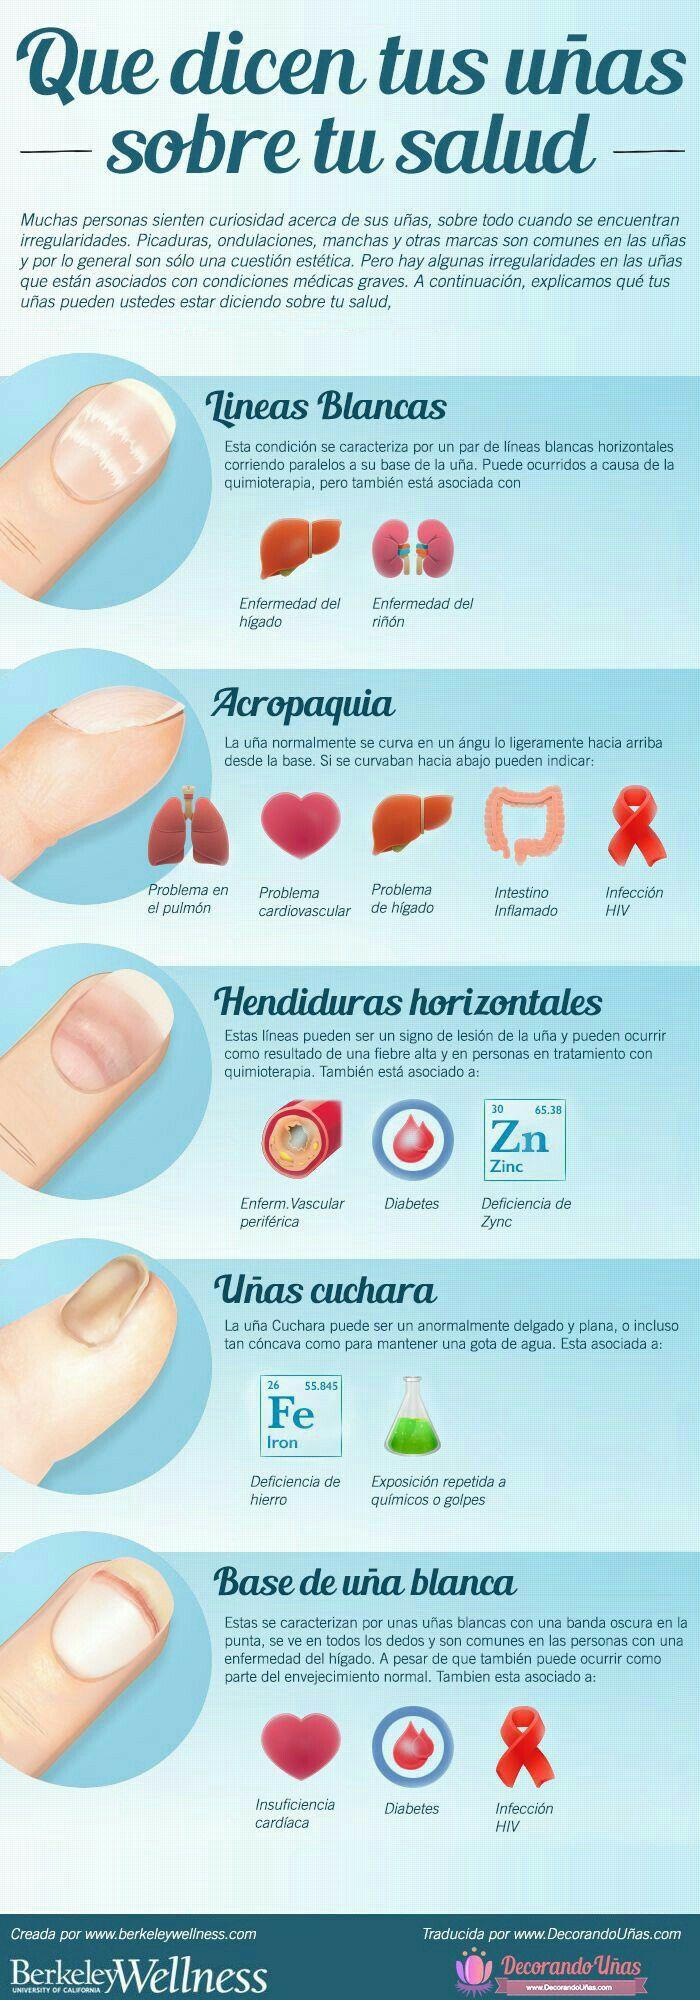 Salud de las uñas